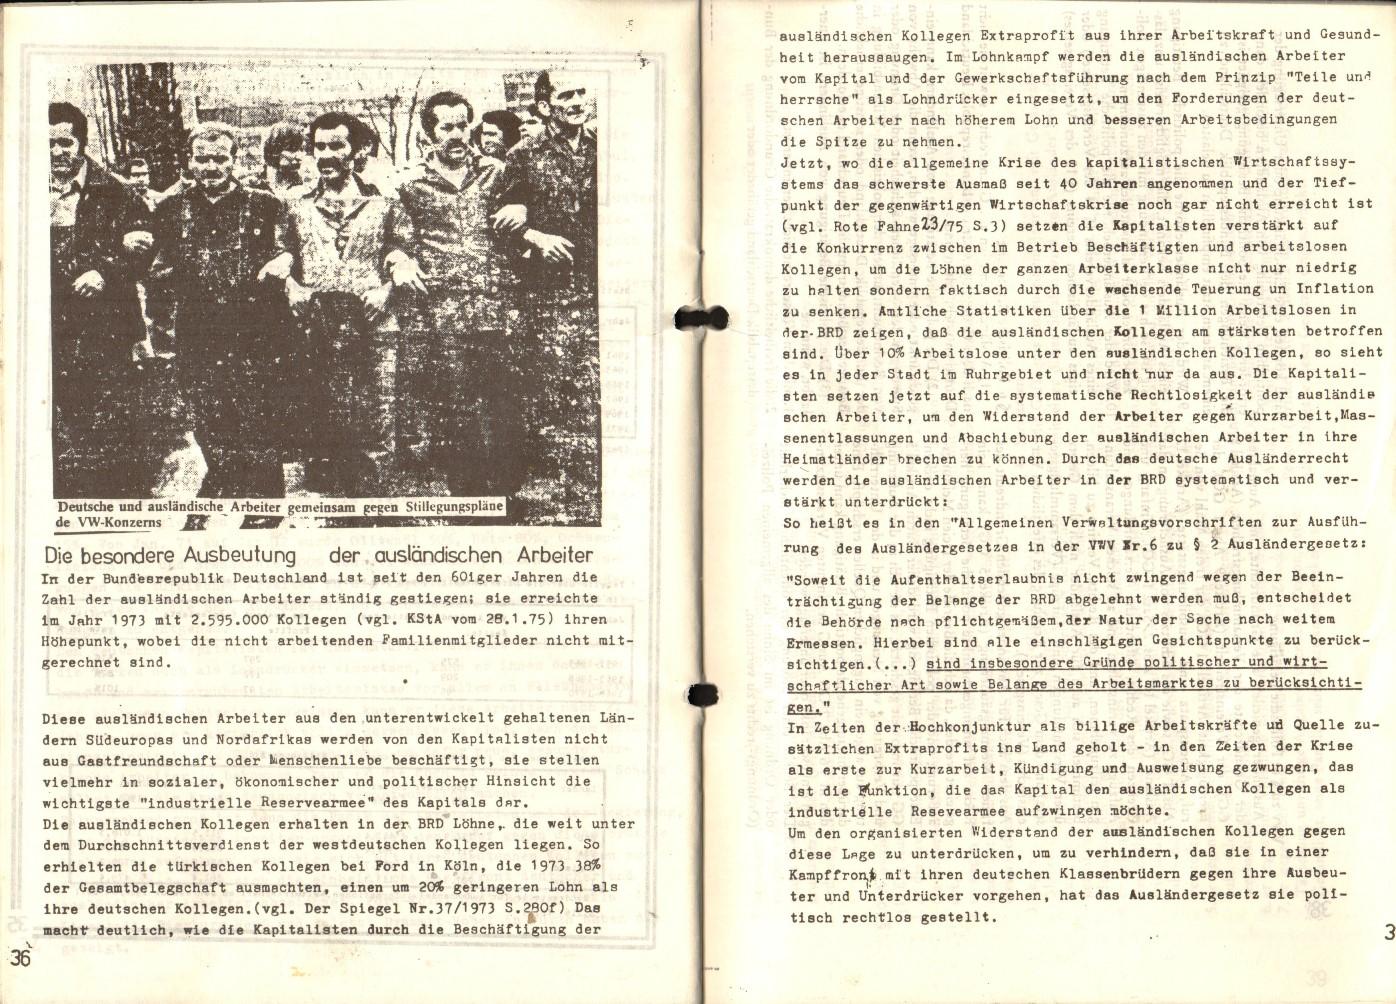 NRW_Rote_Hilfe_1975_Sofortige_Freilassung_der_tuerkischen_Patrioten_20